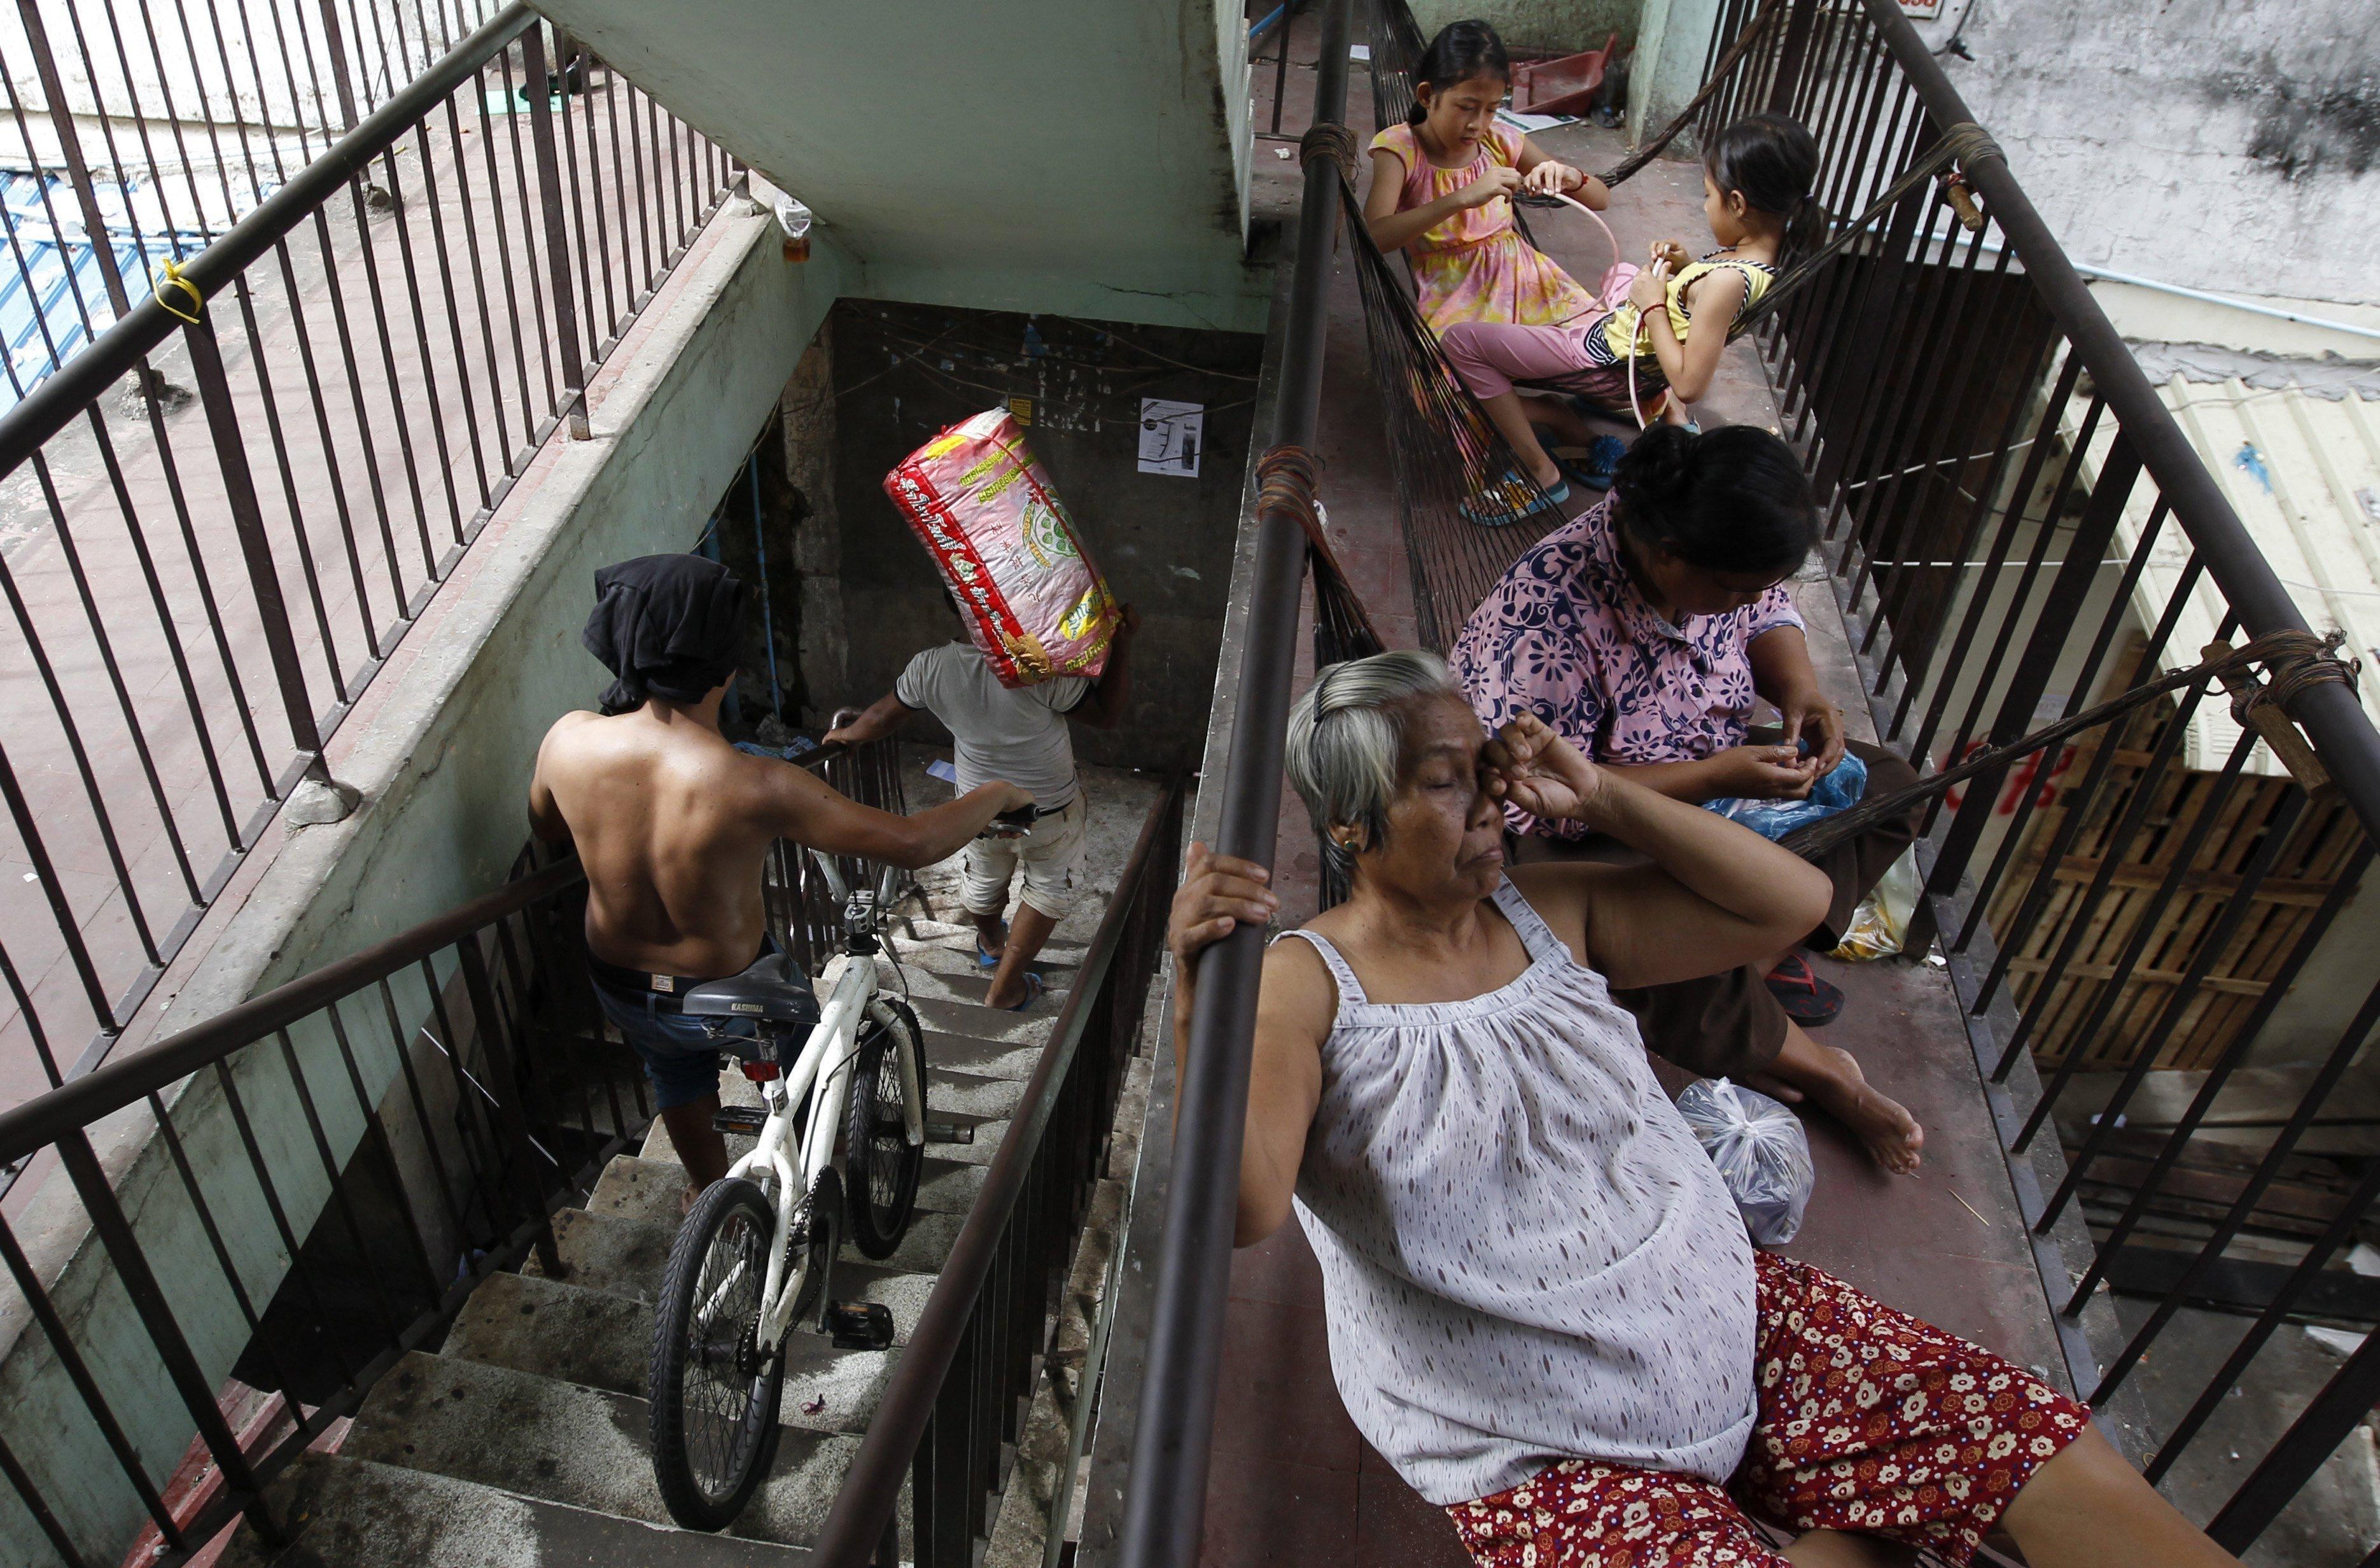 Alguns veïns de l'icònic edifici blanc de Penh comencen a treure les seves pertinences, a Cambodja. Els inquilins de l'edifici han acordat rebre una compensació de 1.400 dòlars per metre quadrat per part de la companyia urbanística japonesa Arakawa, que té previst derruir-lo i transformar-lo en un edifici de 21 plantes./Mak Remissa